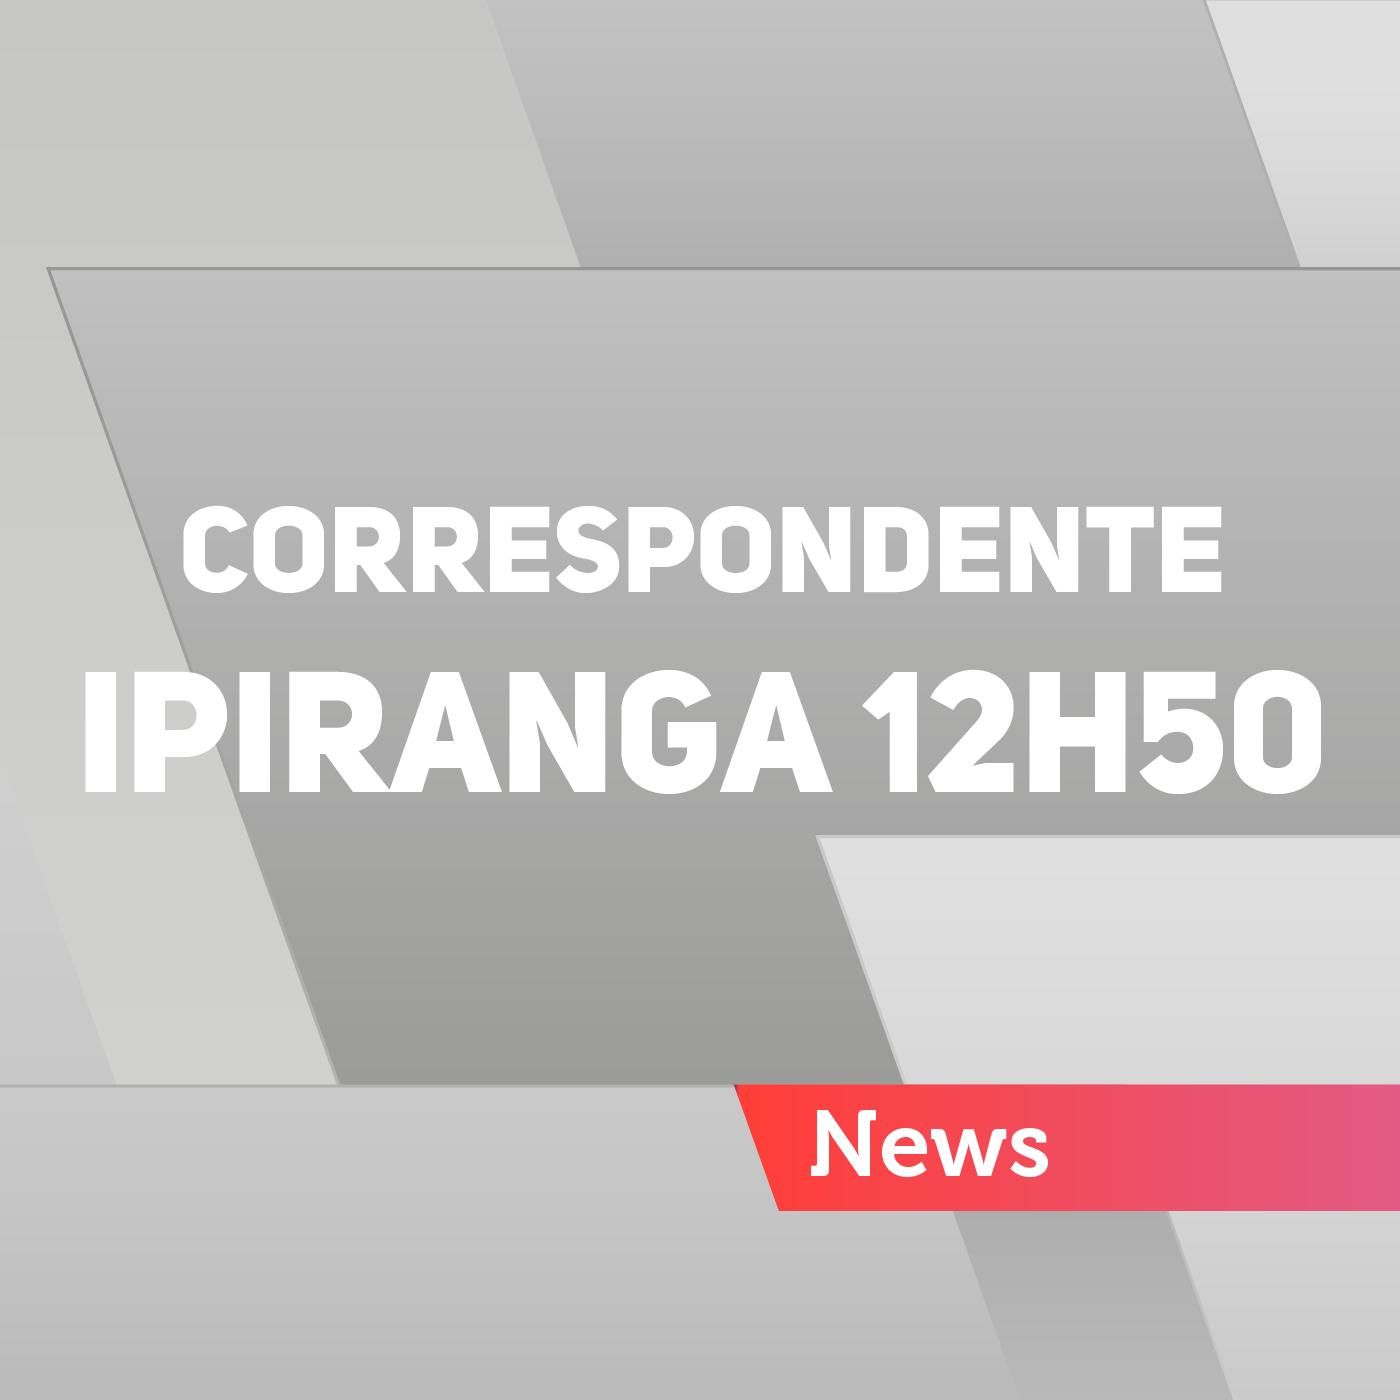 Correspondente Ipiranga 12h50 18/11/2017